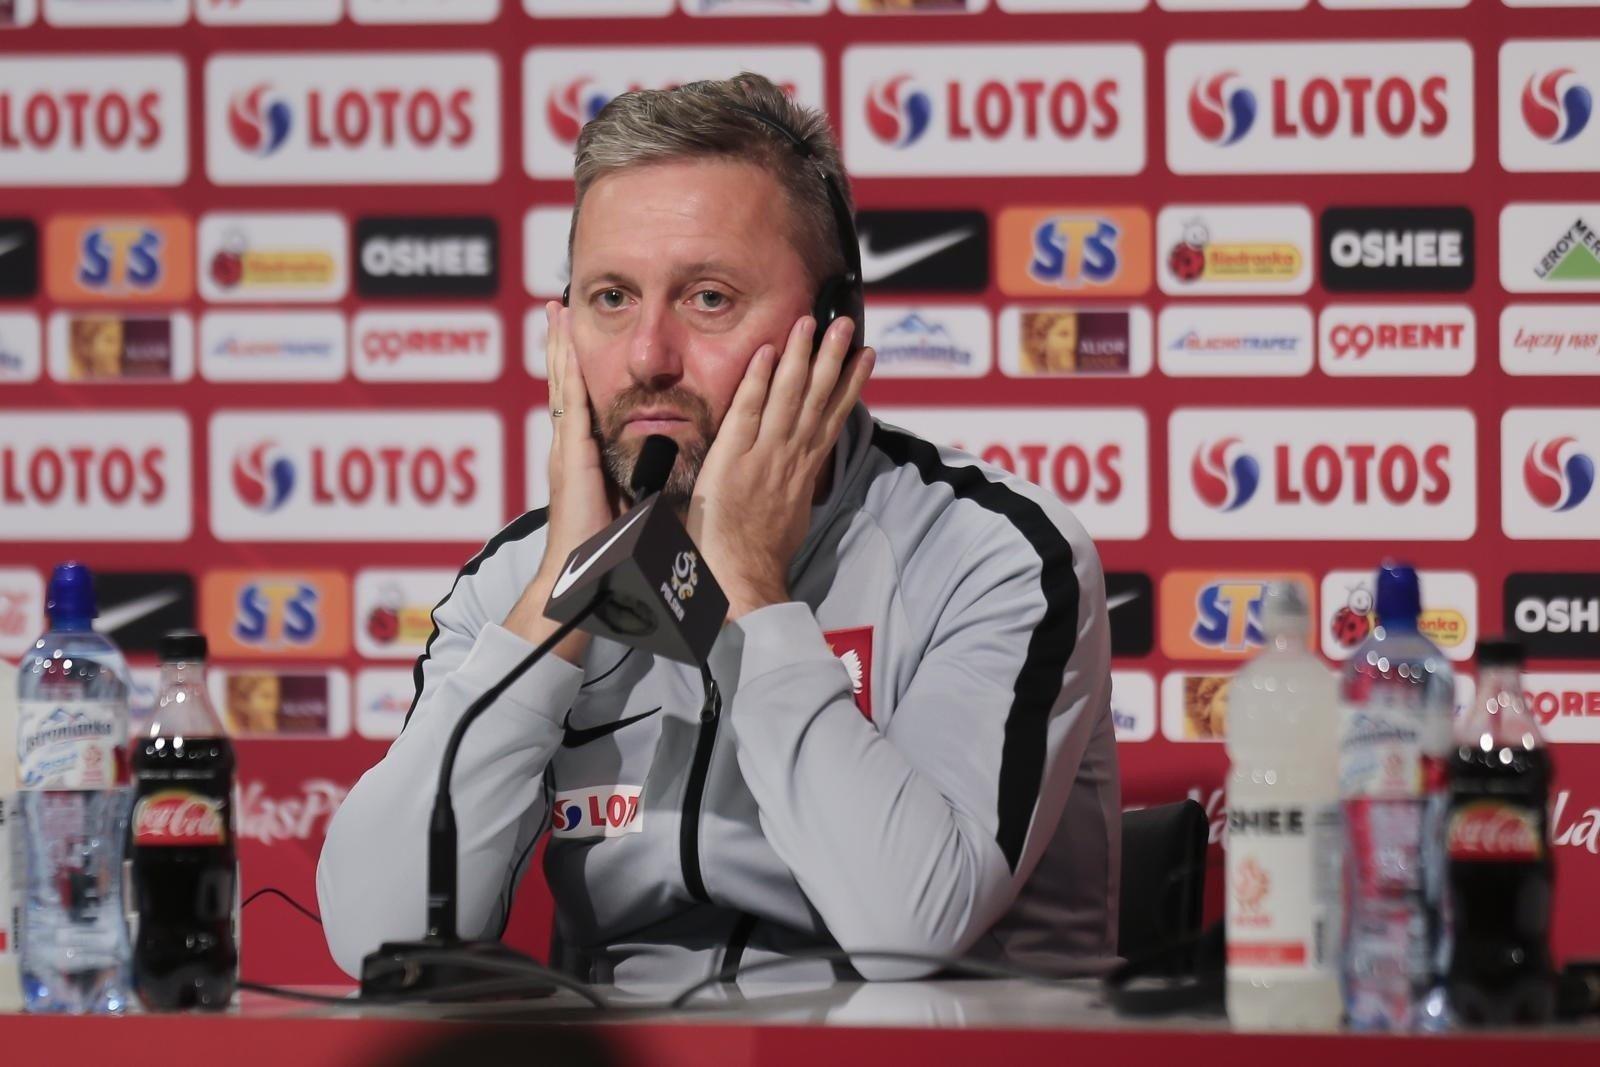 3a35ab489 Mecz Polska - Portugalia nie był dla naszej drużyny szczęśliwy.  Przegraliśmy z reprezentacją Portugalii 2